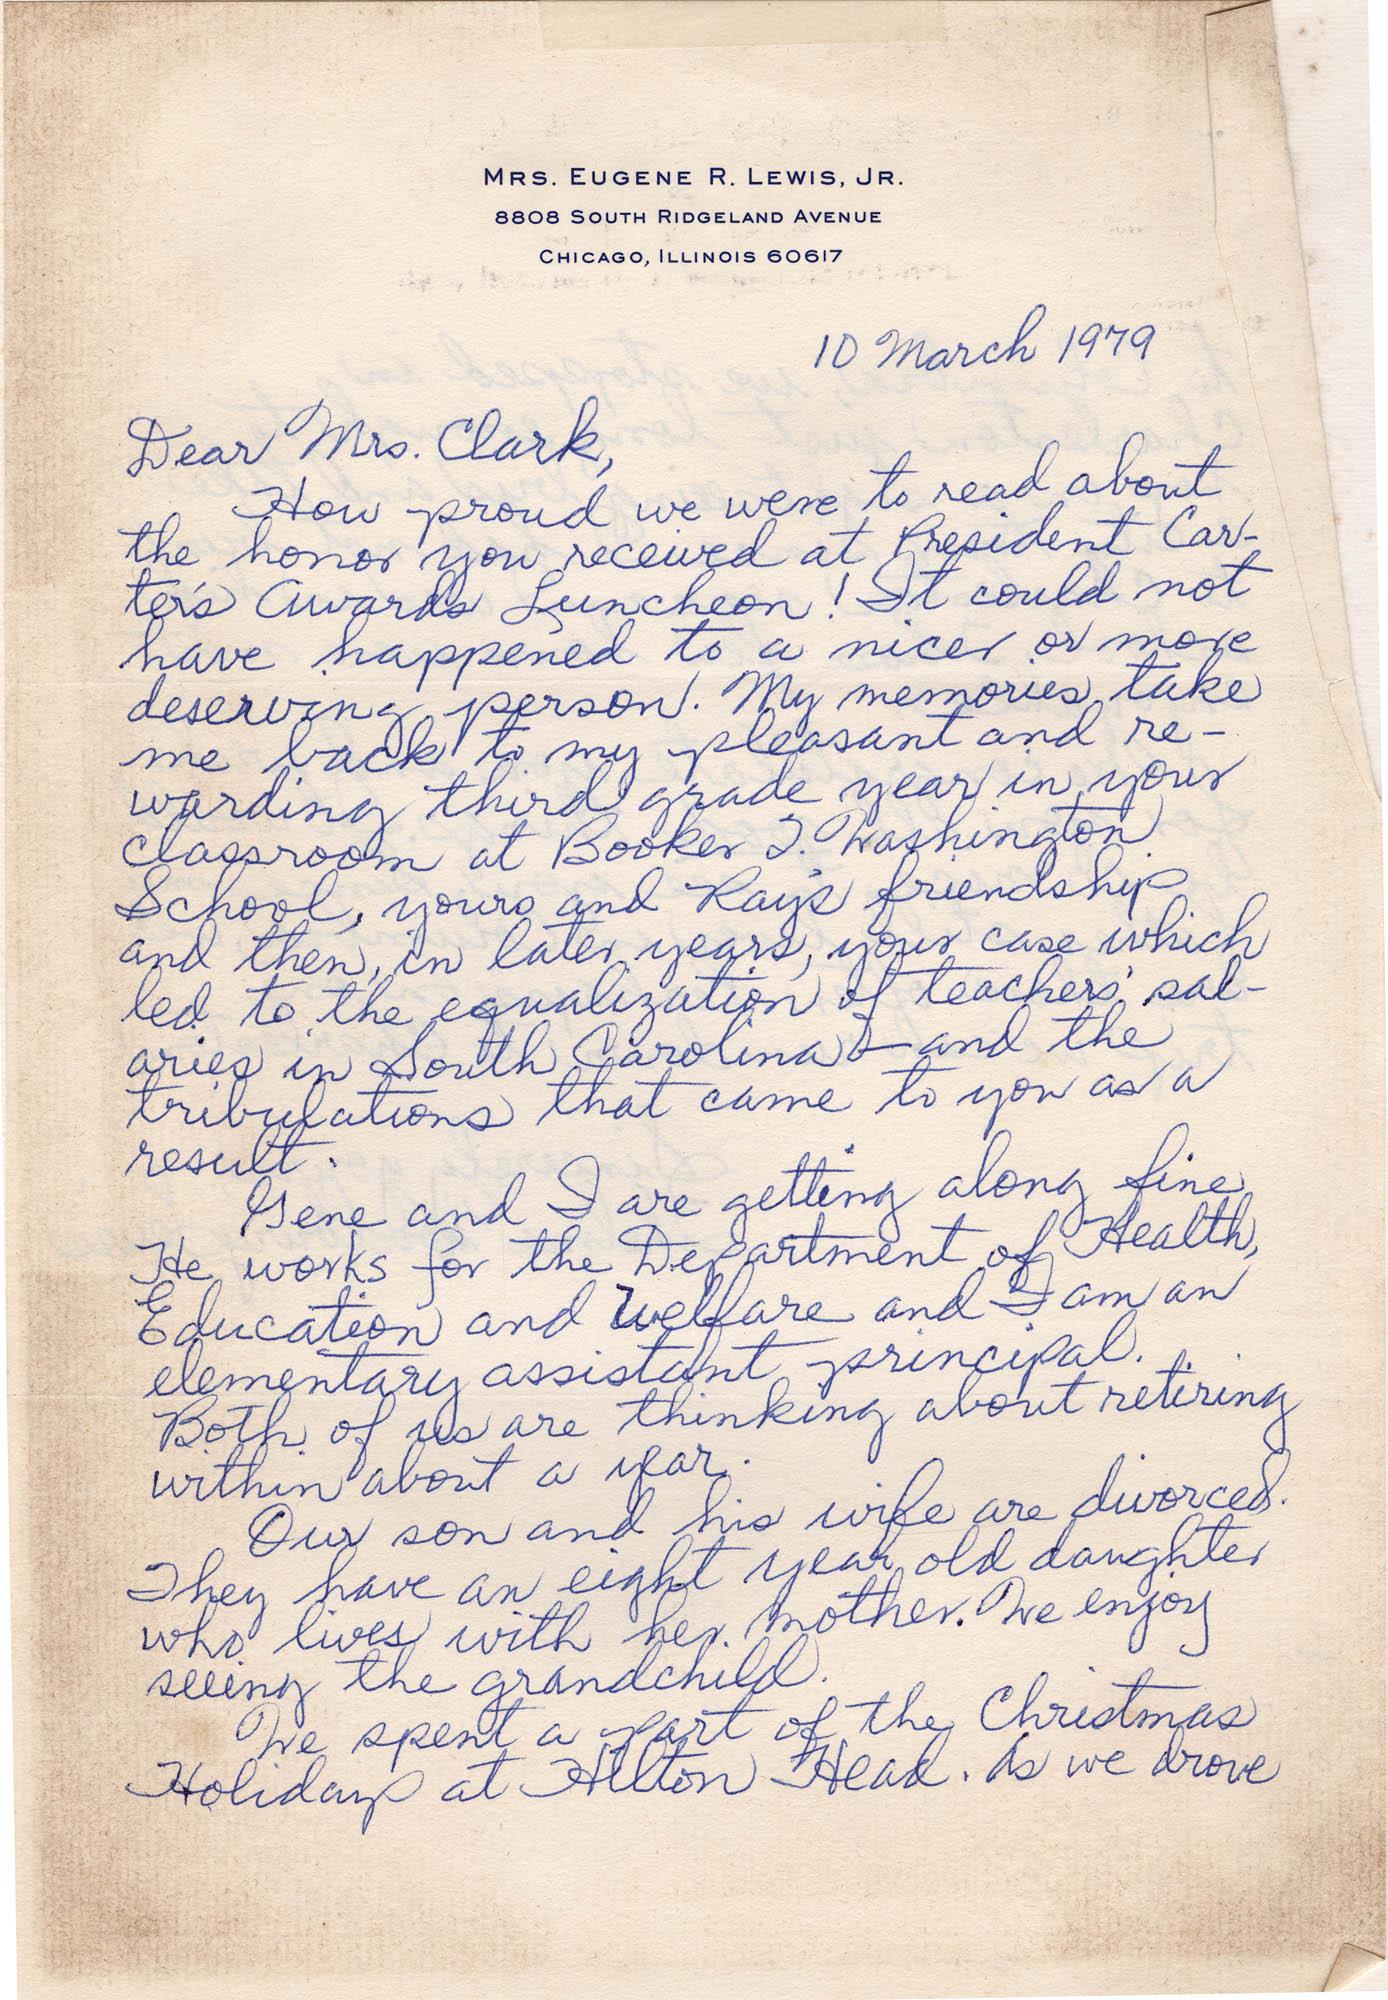 Septima P. Clark Scrapbook, Page 65